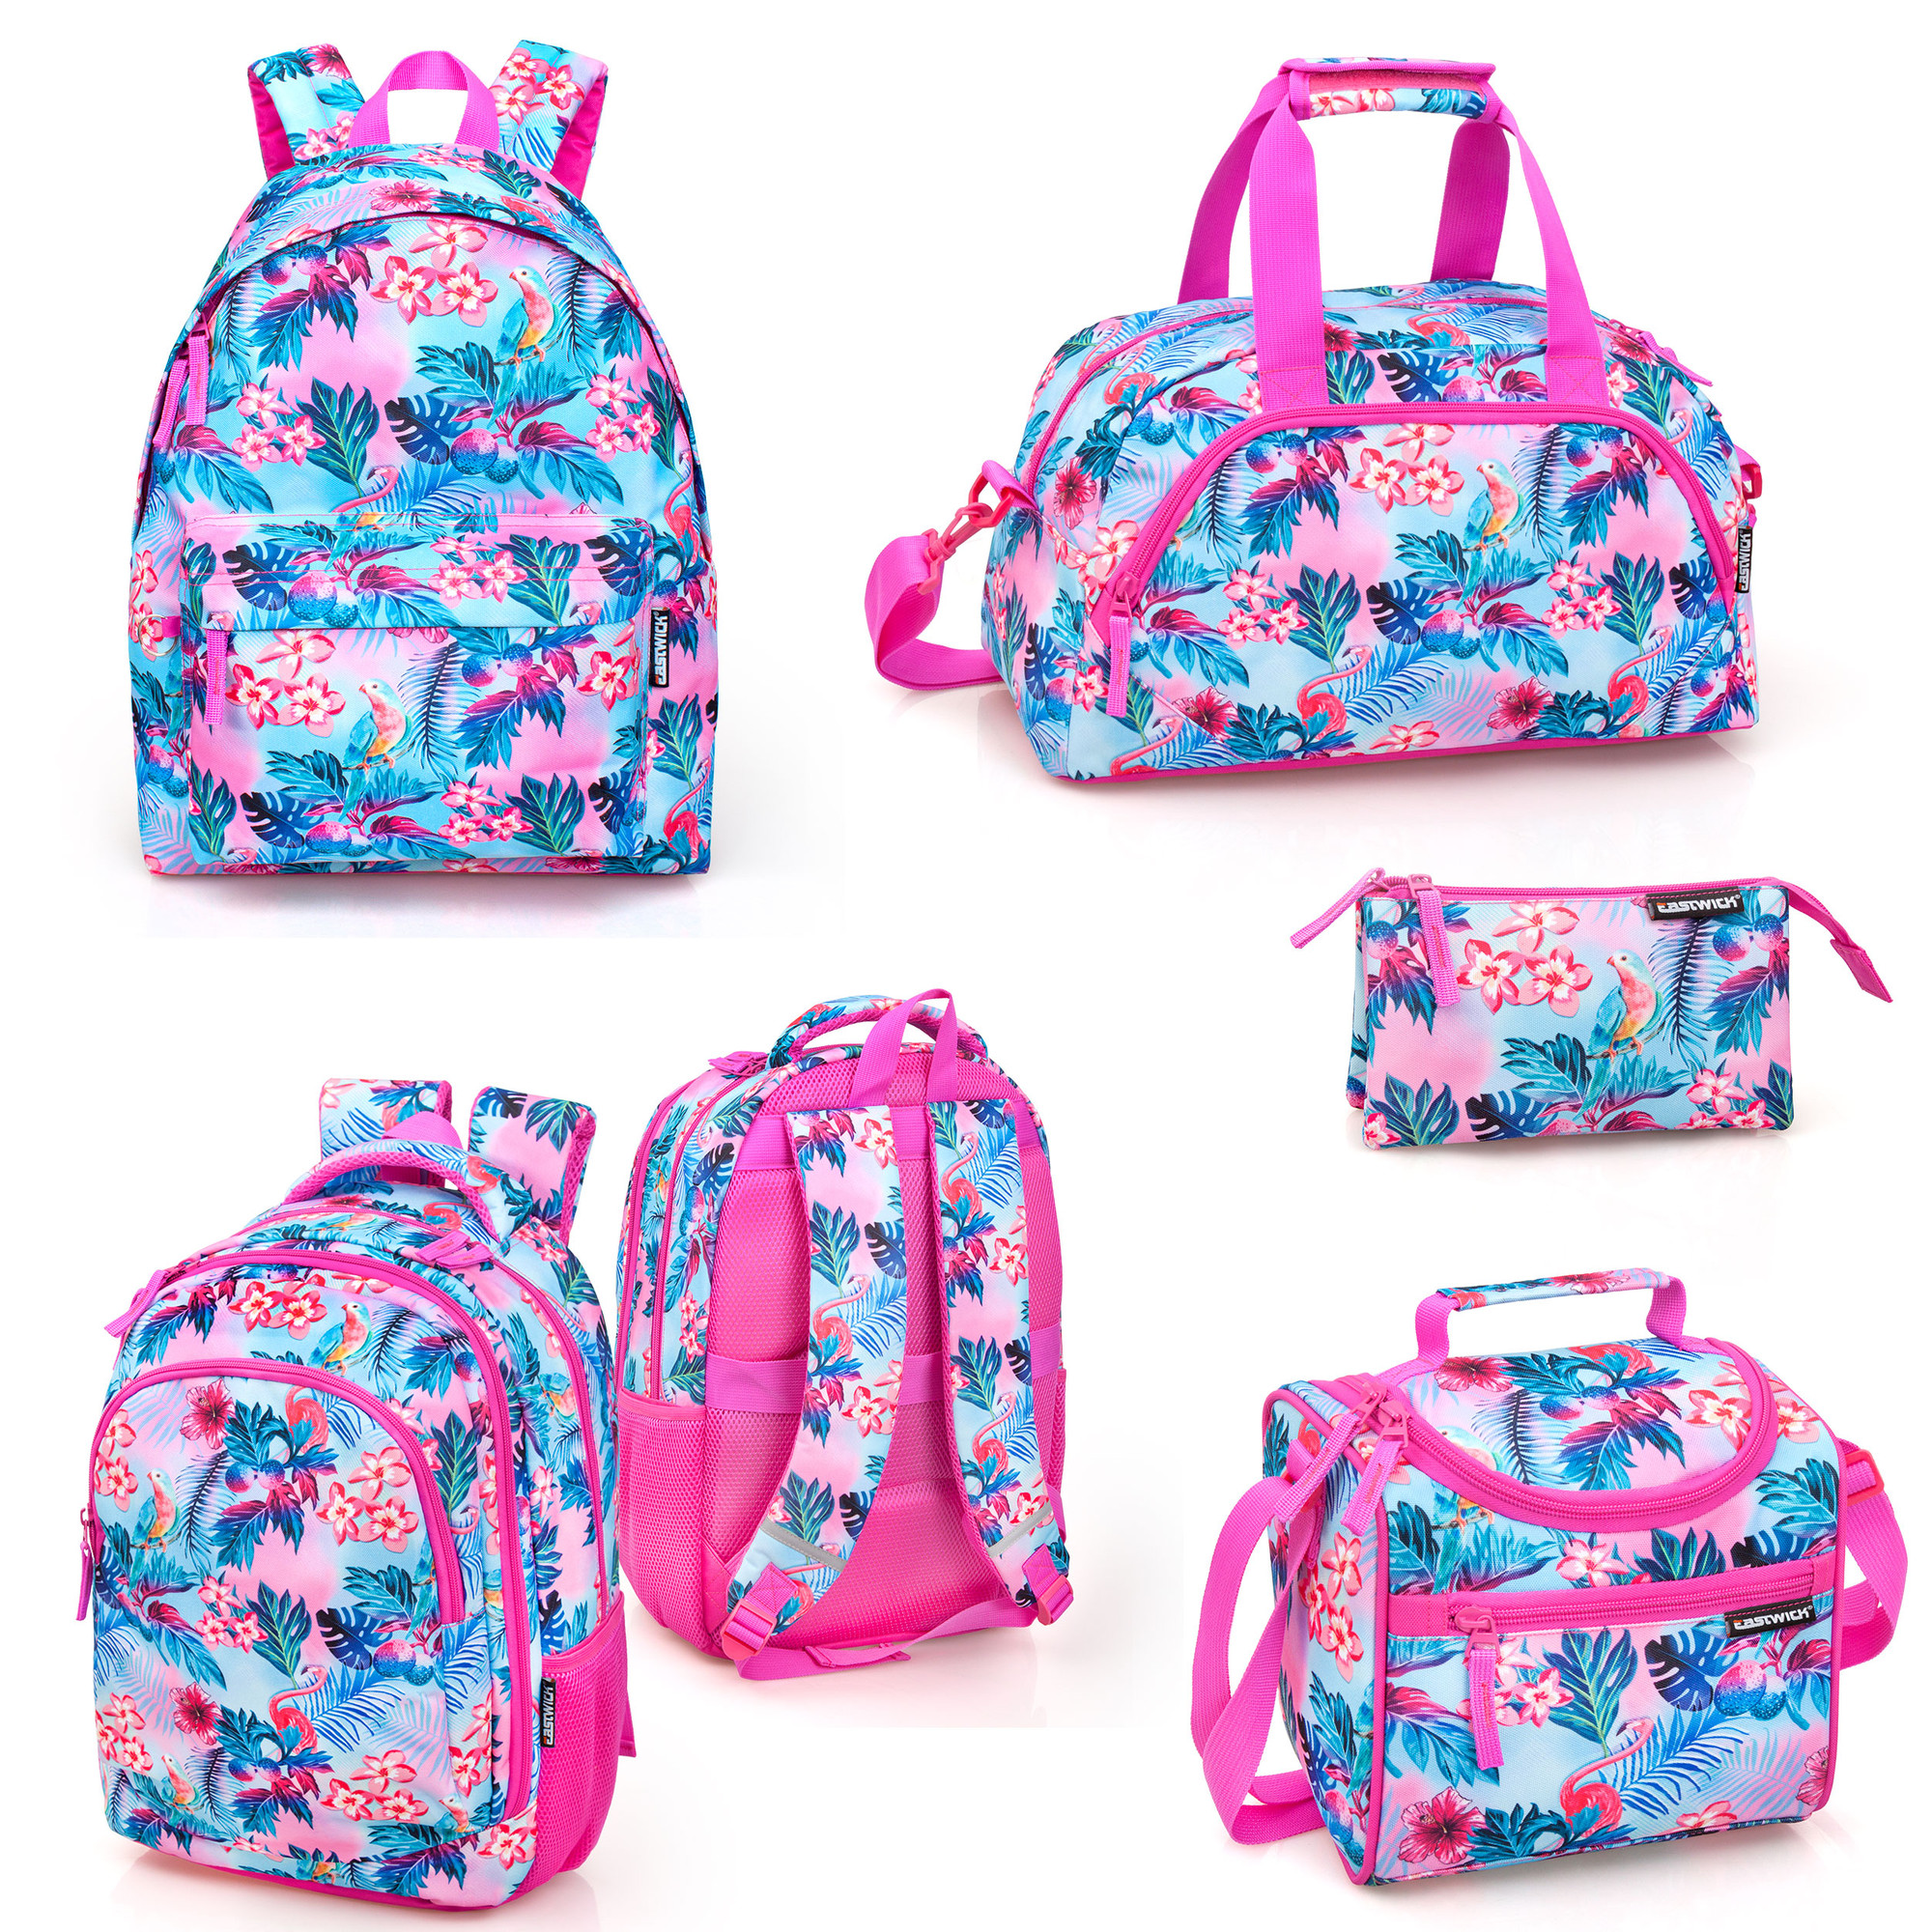 06ce5cb89cb Details about FLORAL Pink FLAMINGO Backpack Rucksack Cooler Lunch Travel  Bag Girls School Bag